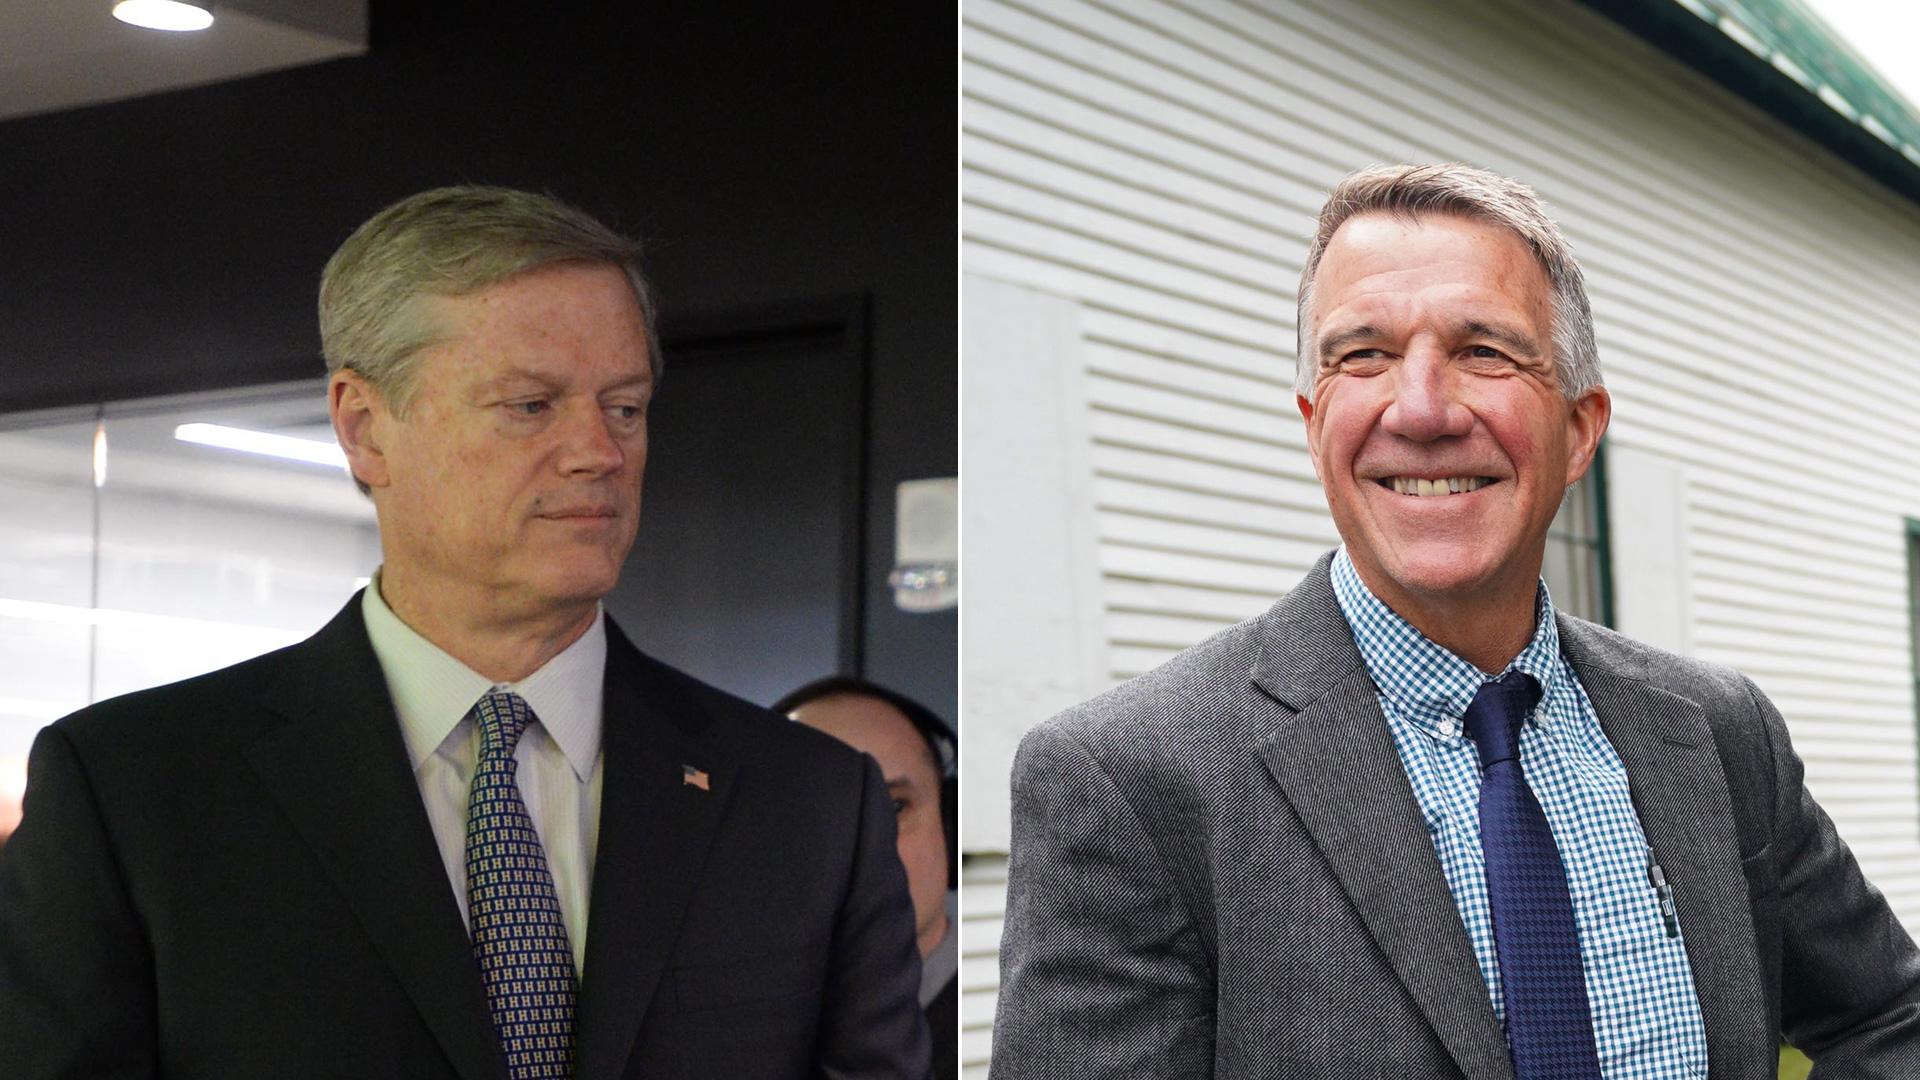 Left, Massachusetts Gov. Charlie Baker on March 26, 2019, in Boston, Massachusetts; right, Vermont Gov. Phil Scott on Sept. 14, 2018. (Credit: left Darren McCollester/Getty Images for DraftKings; right, DON EMMERT/AFP/Getty Images)